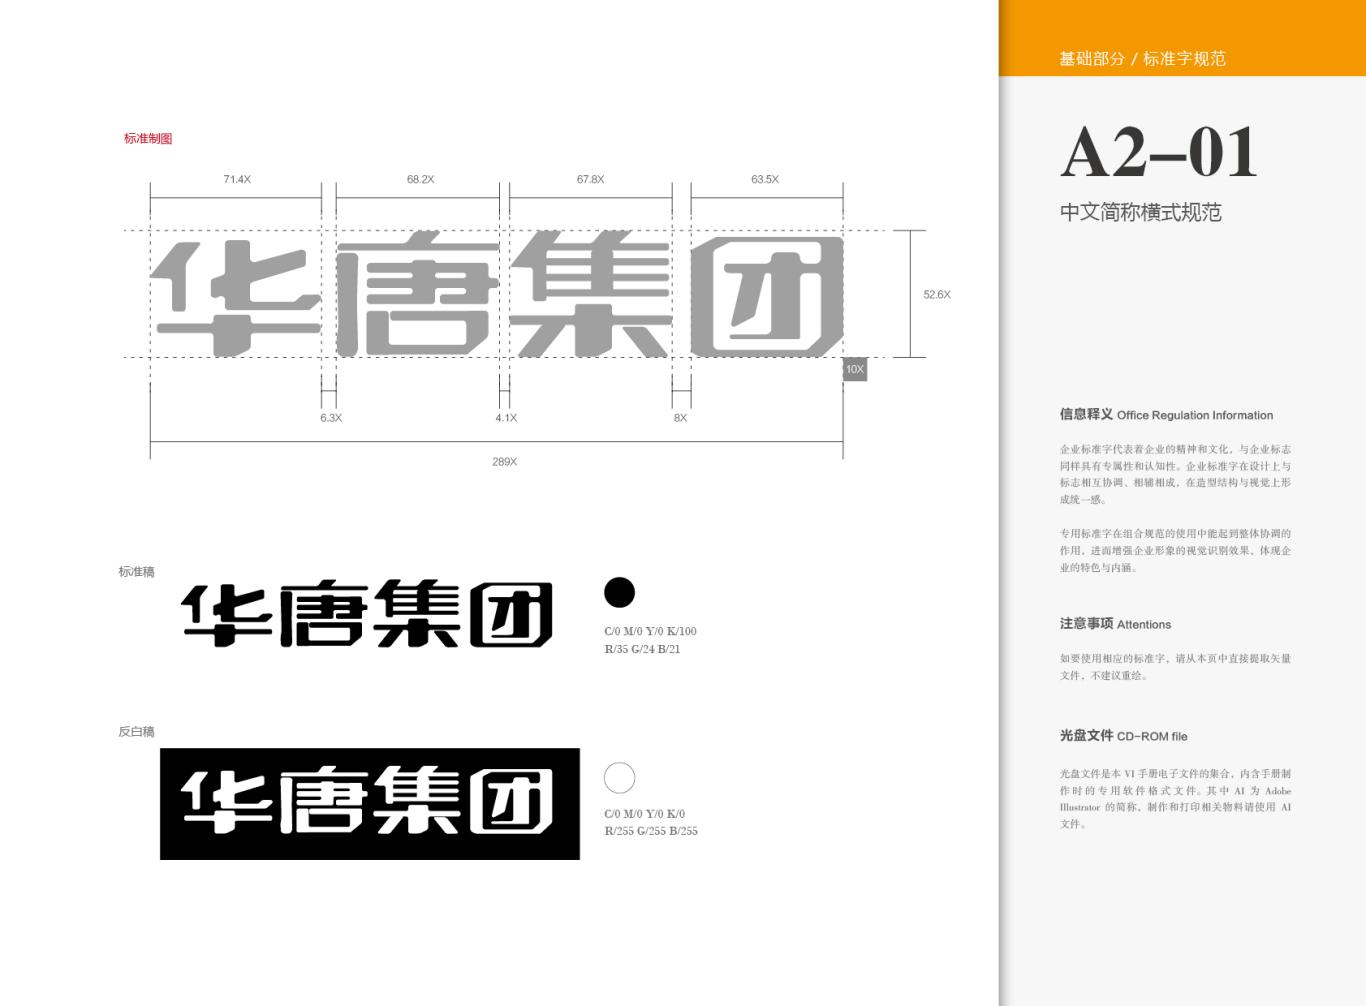 华唐教育集团 VI图8